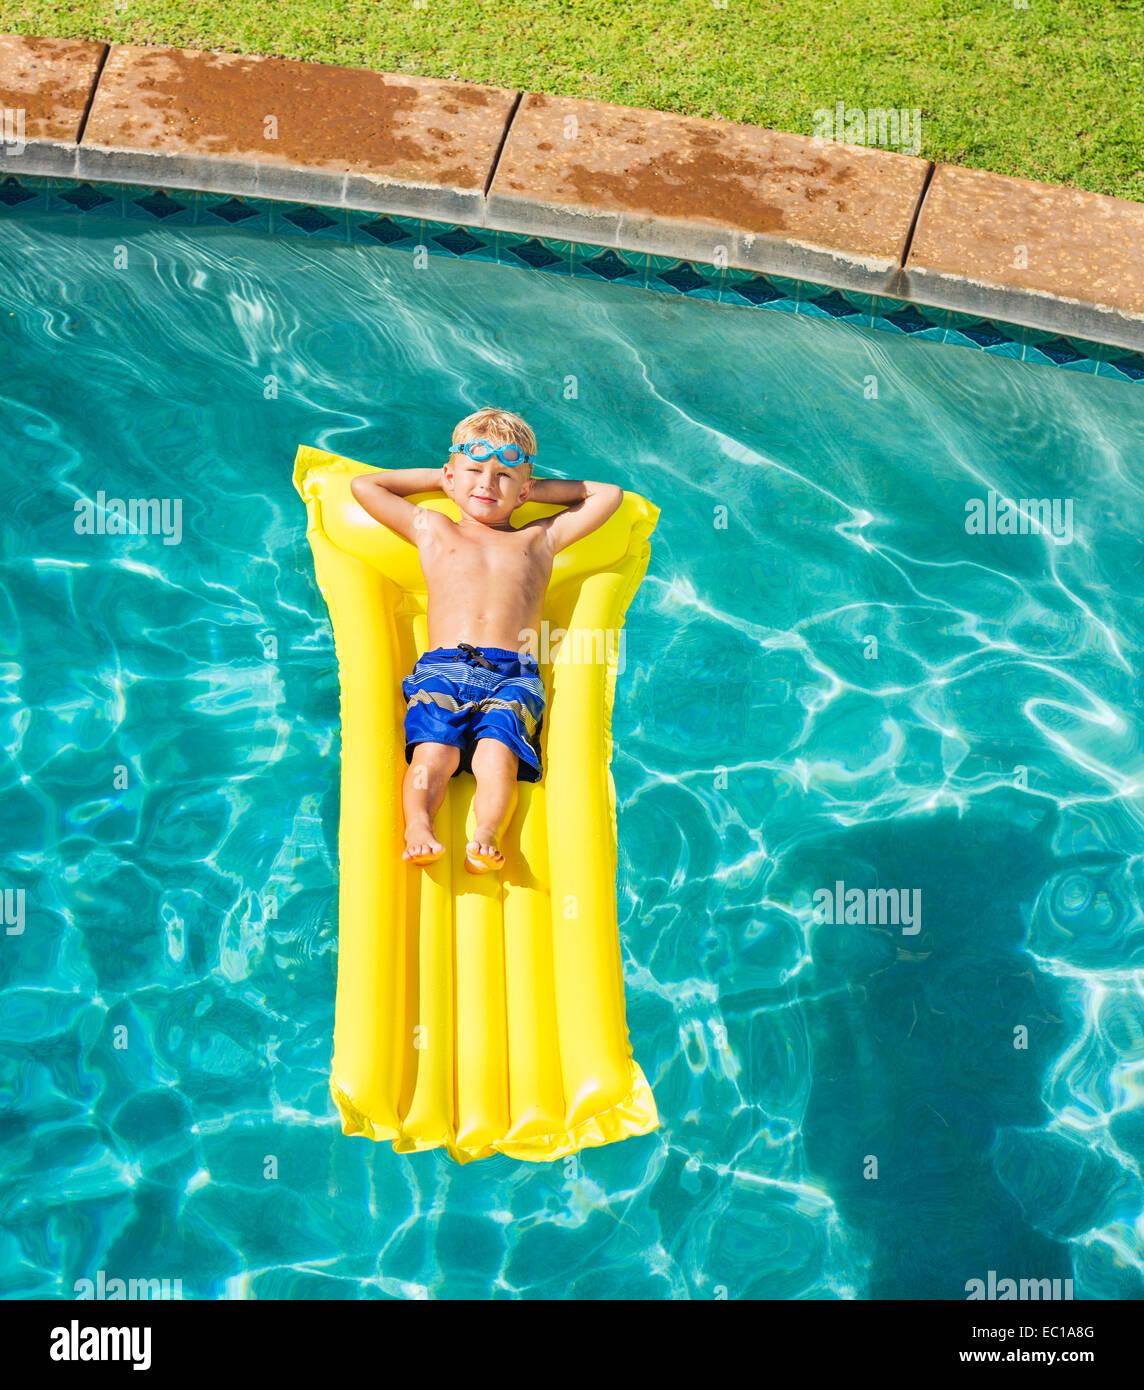 Joven relajarse y divertirse en la piscina en balsa amarilla. Divertidas vacaciones de verano. Concepto de estilo Imagen De Stock